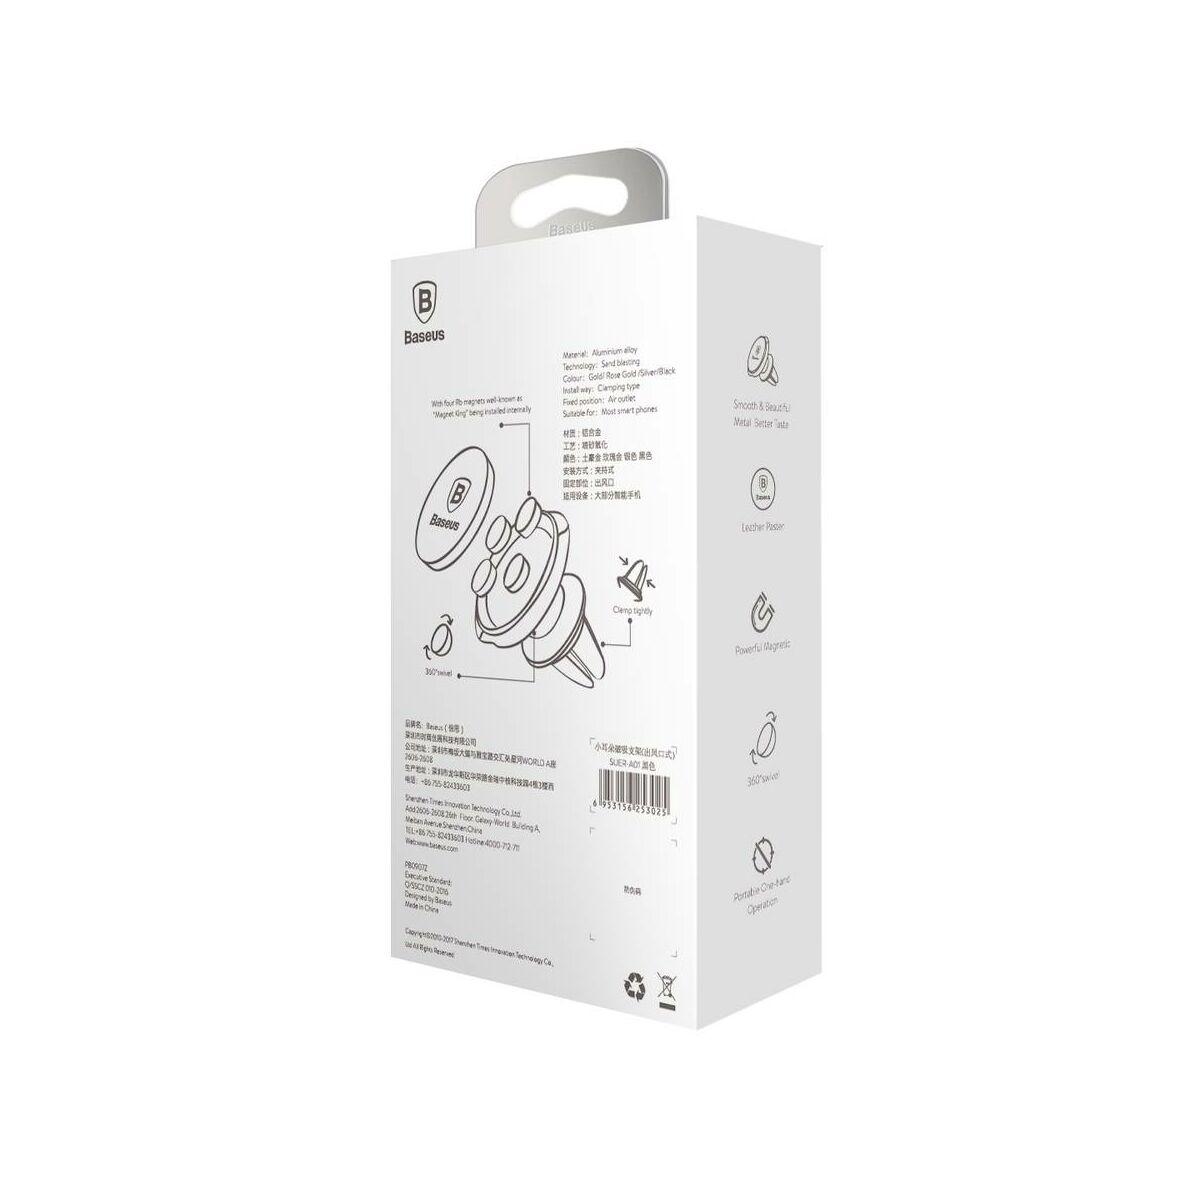 Baseus autós telefon tartó, Small Ears series mágneses, szellőzőrácsra, ezüst (SUER-A0S)